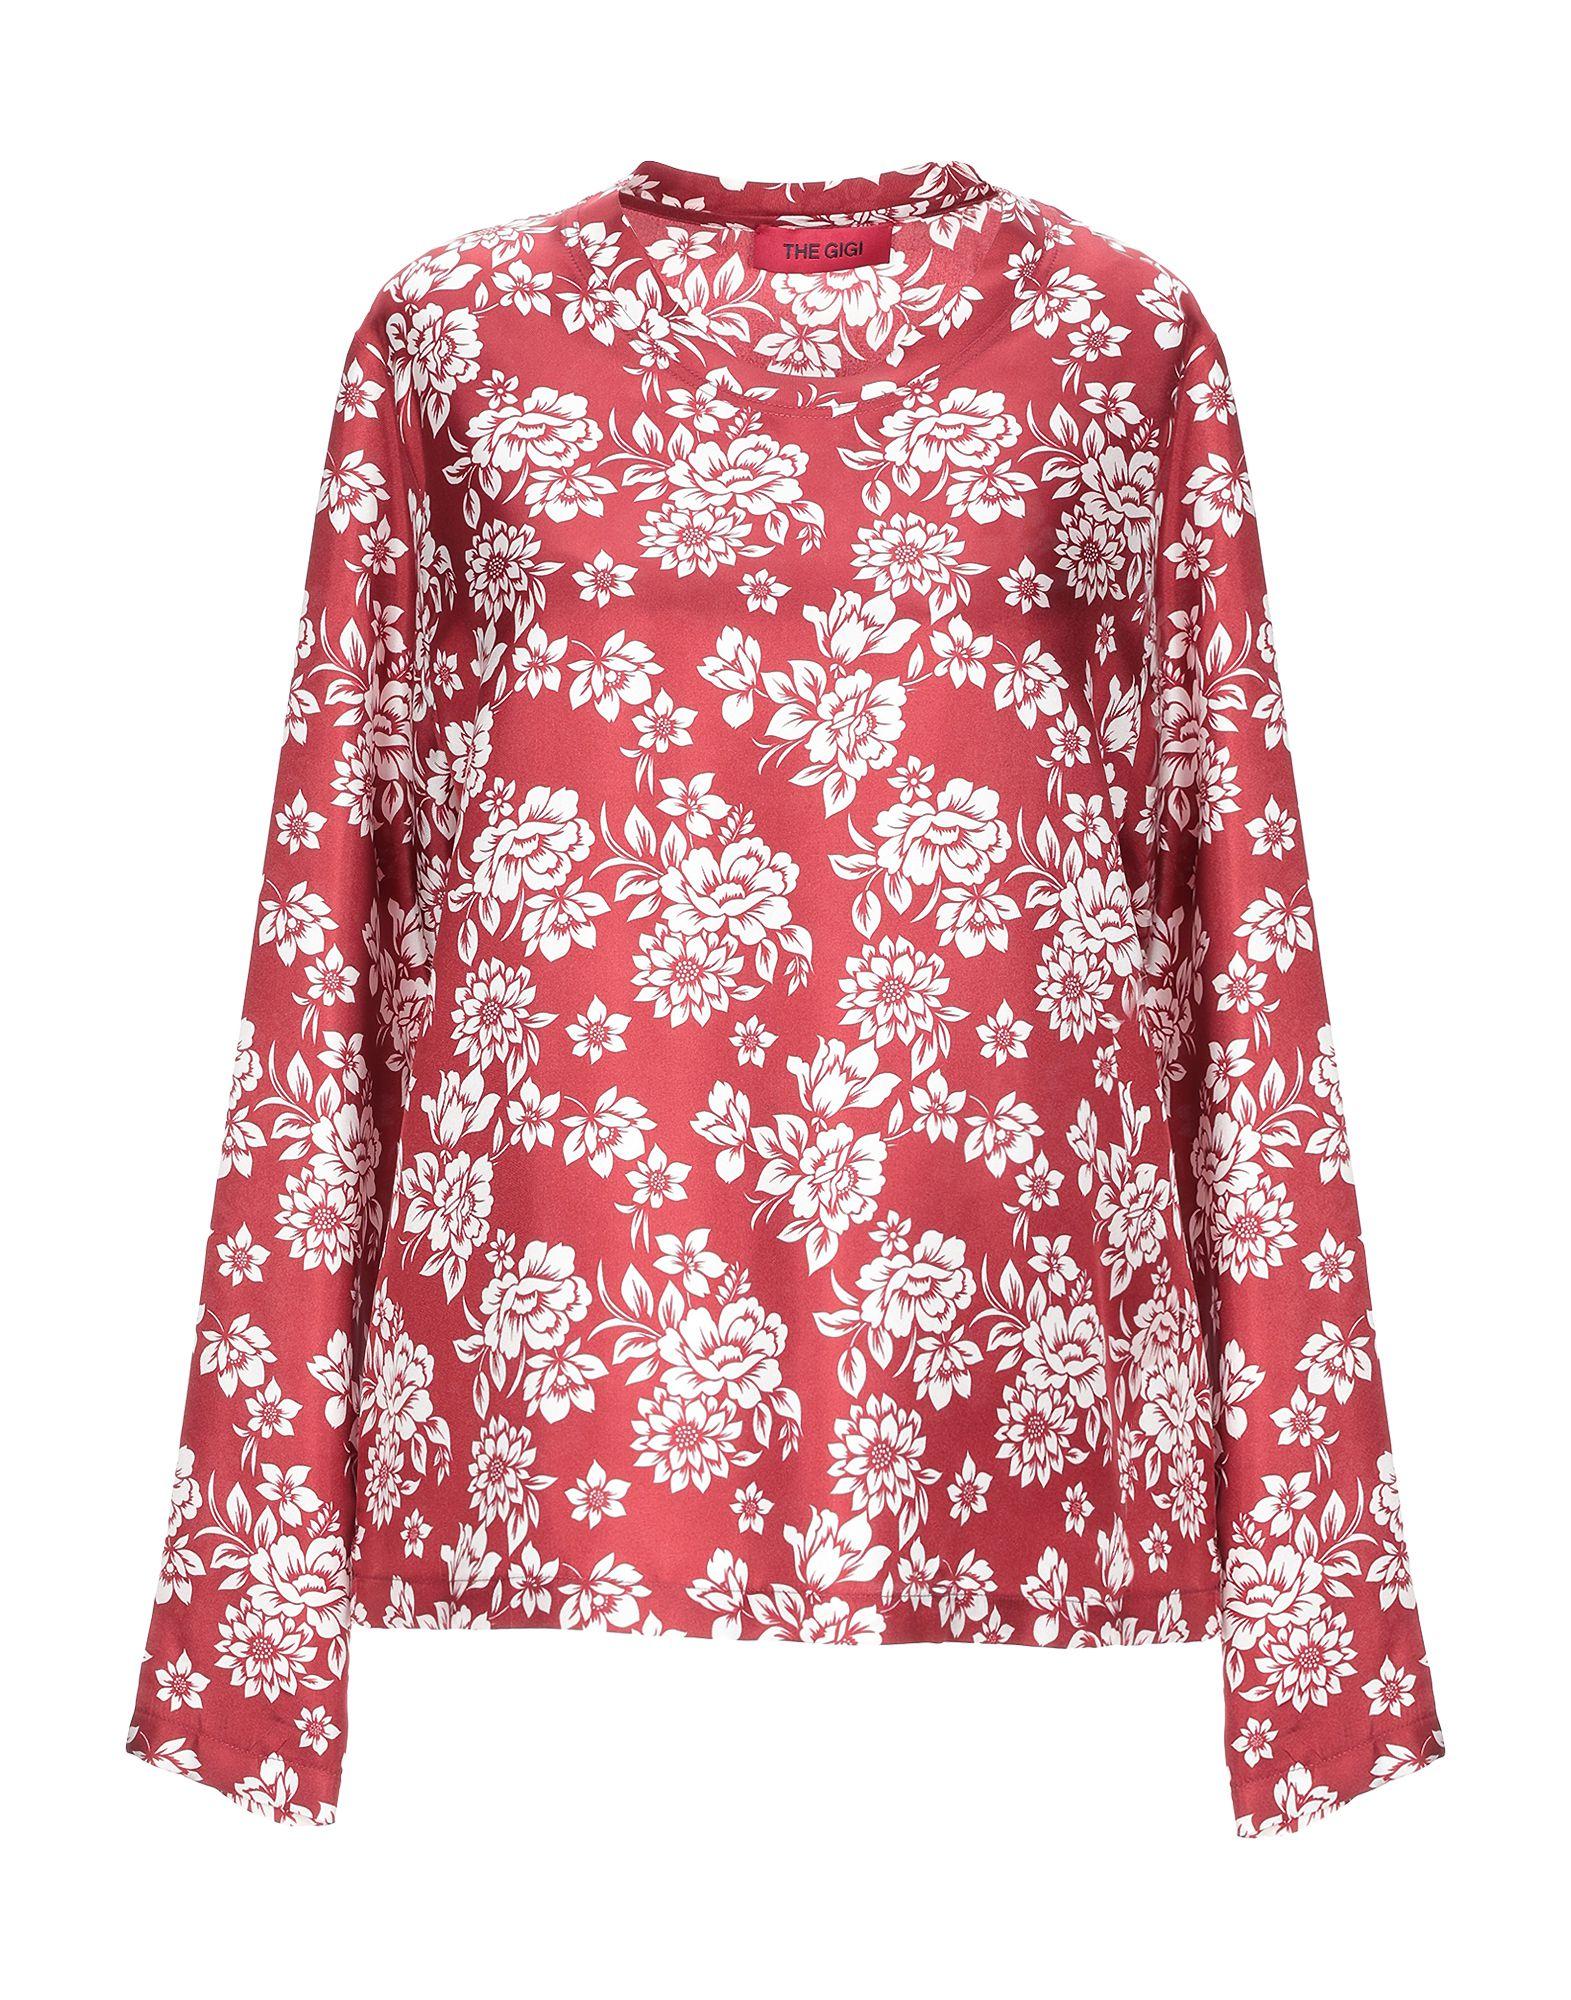 купить THE GIGI Блузка дешево